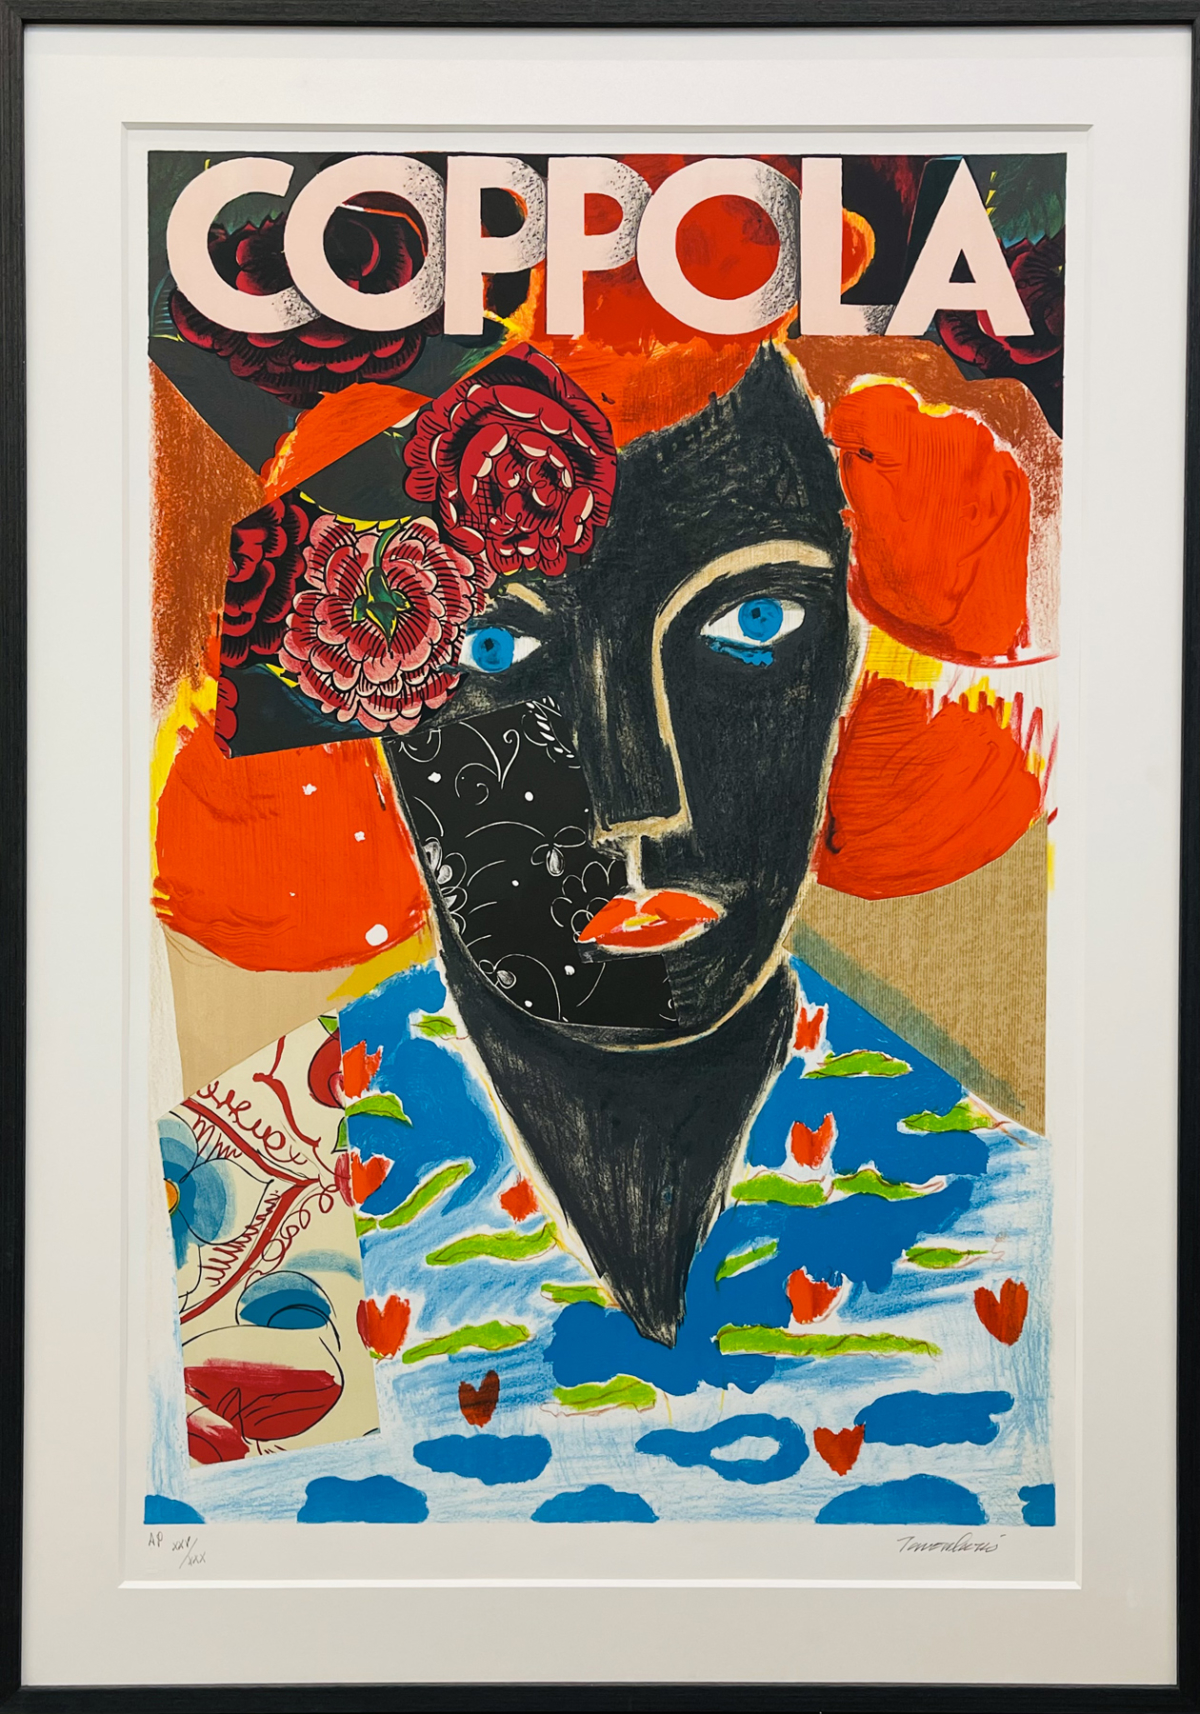 Coppola,2009 Sérigraphie sur papier, 115 x 75 cm DT09-071 ©Dean Tavoularis